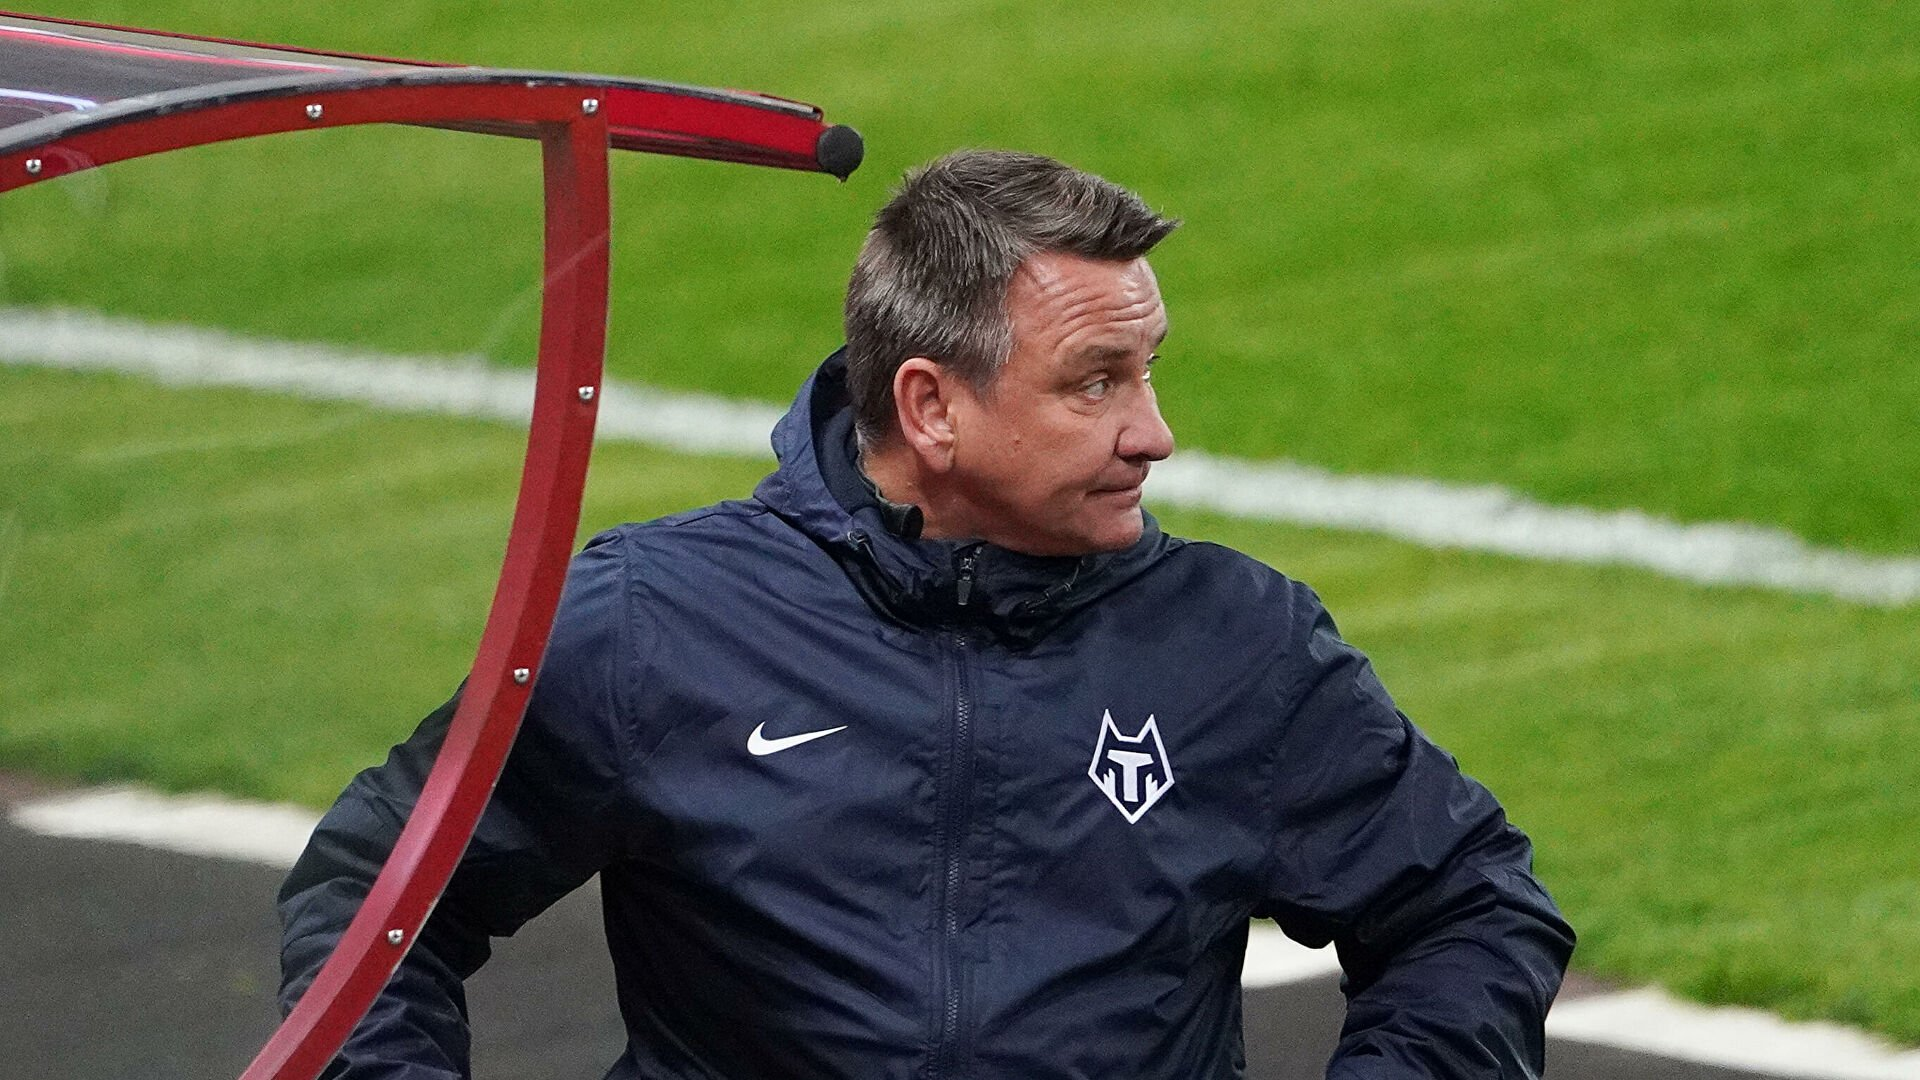 Первушин может возглавить «Кубань», если клуб выйдет в ФНЛ